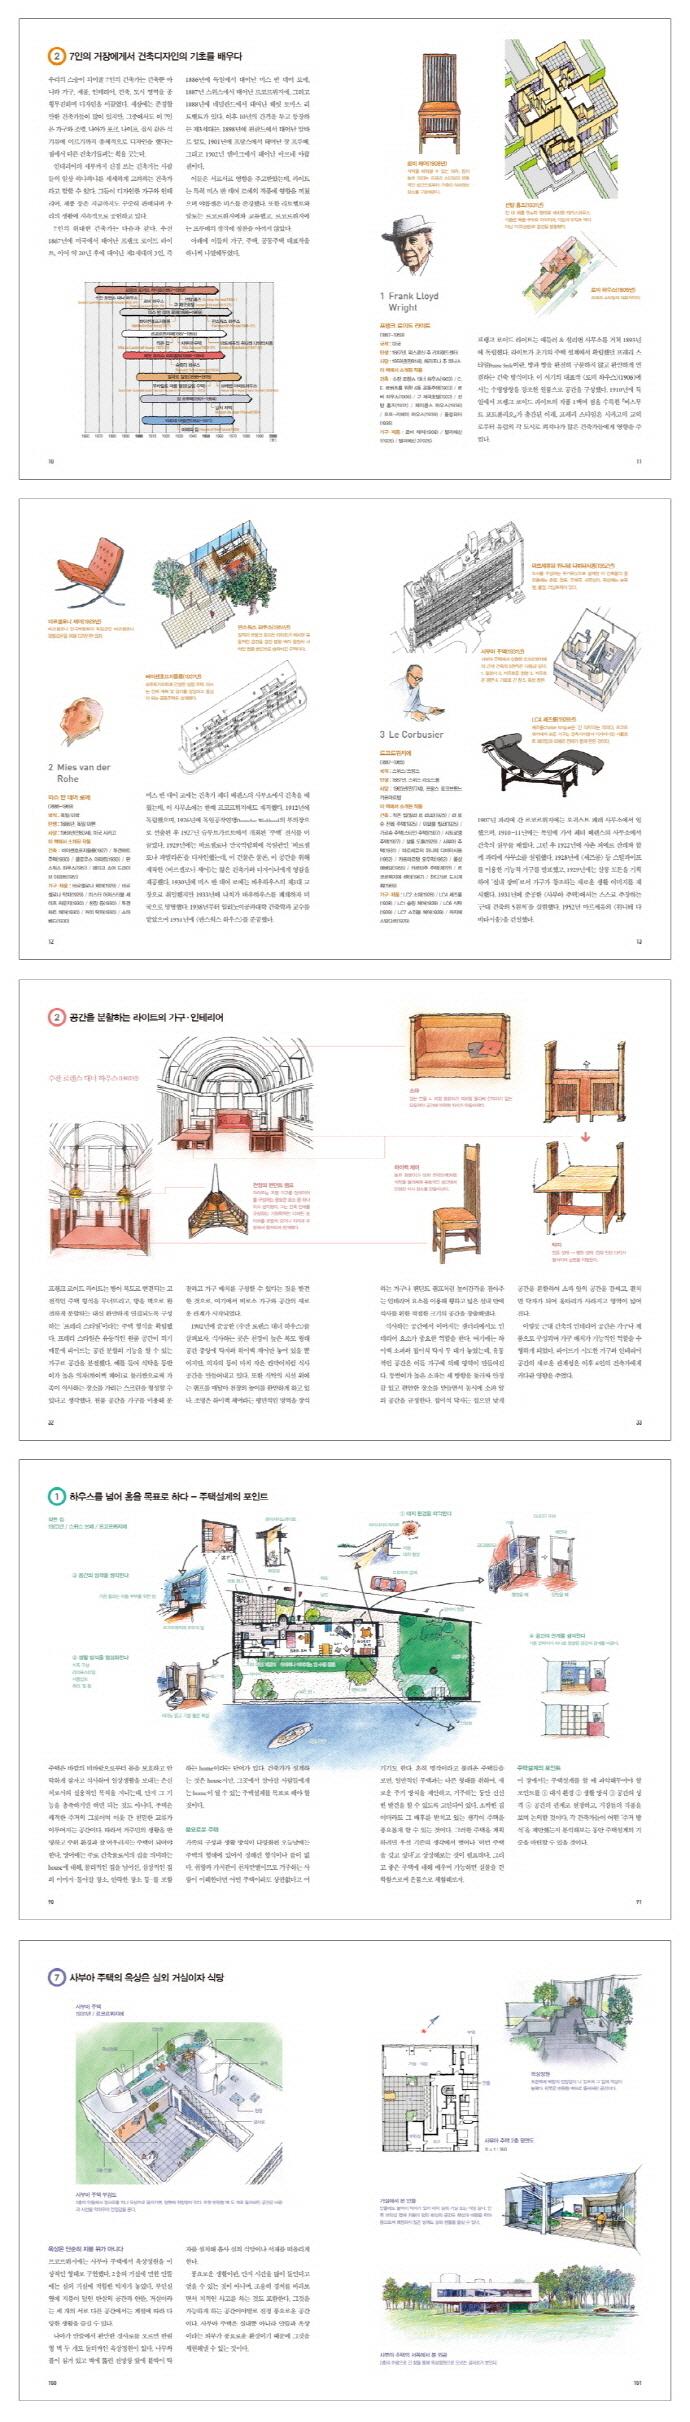 건축디자인 교과서(세상에서 가장 친절한)(양장본 HardCover) 도서 상세이미지